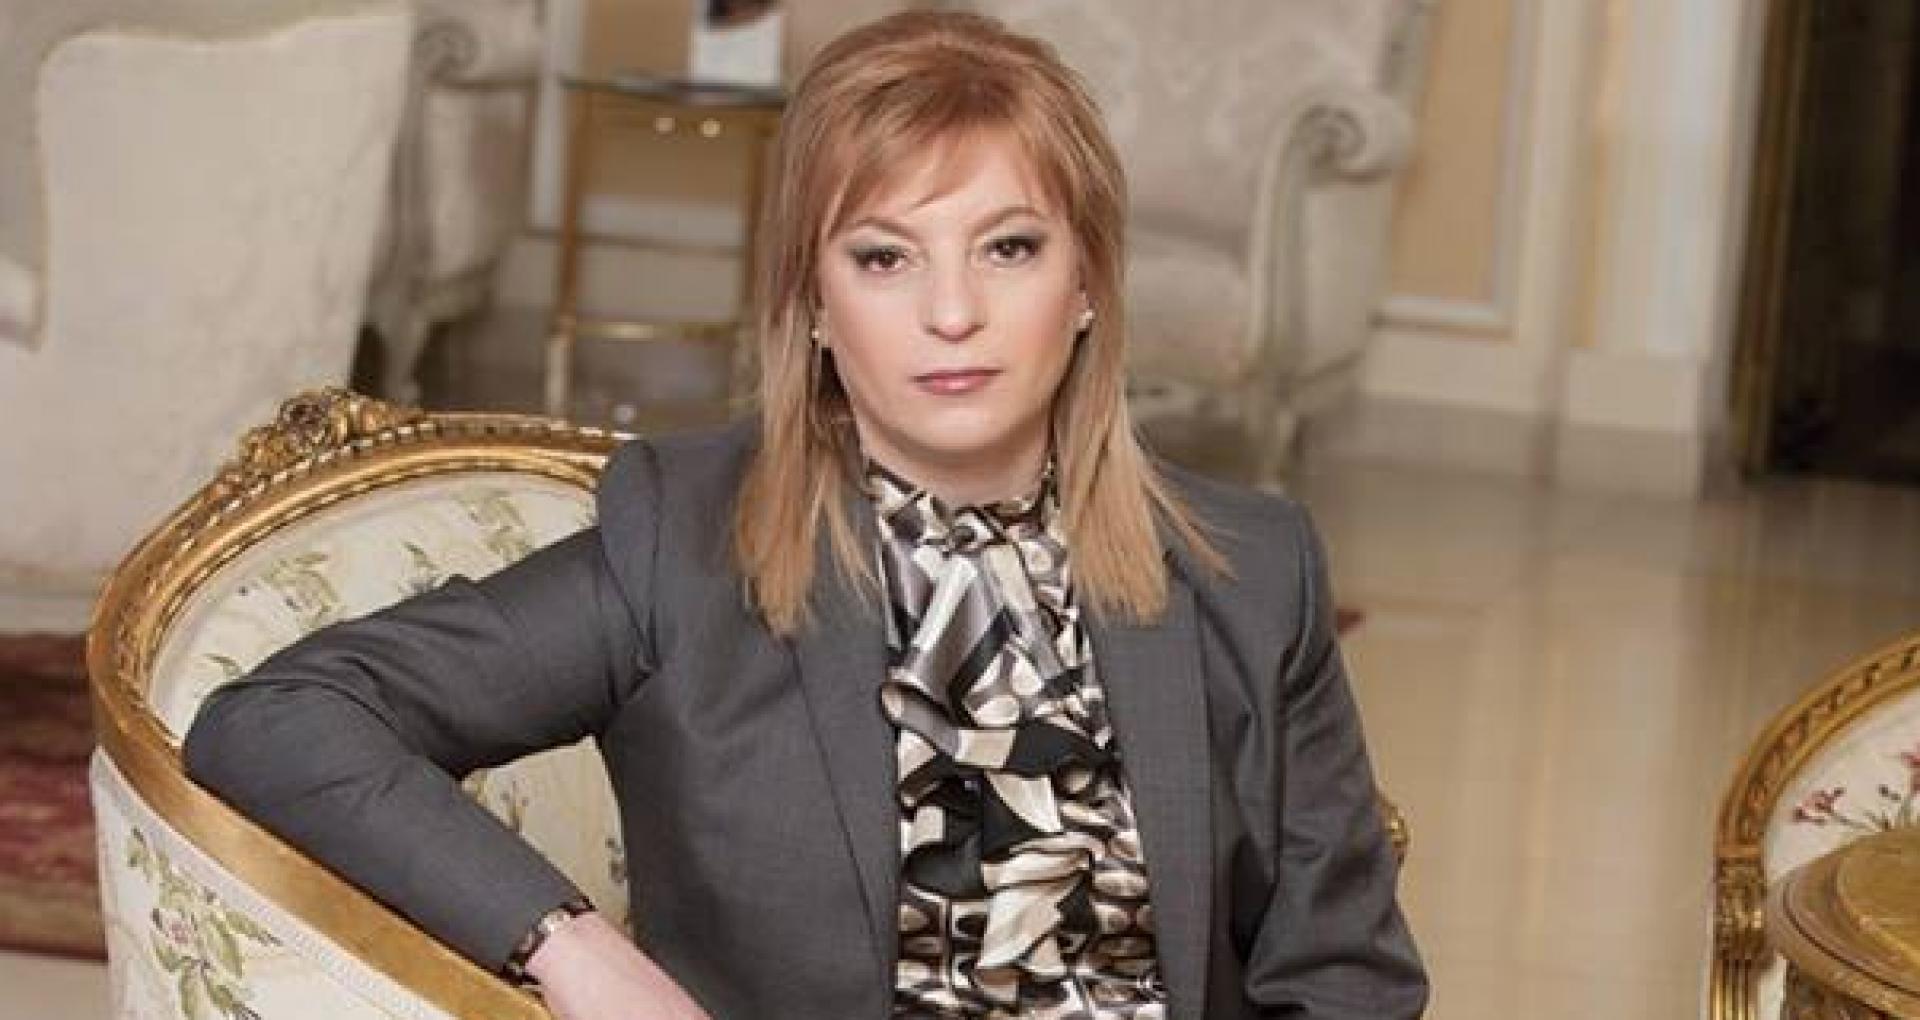 """Ultima oră! Mariana Durleșteanu anunță că își retrage candidatura pentru funcția de premier: """"Nu sunt păpușa nimănui"""""""